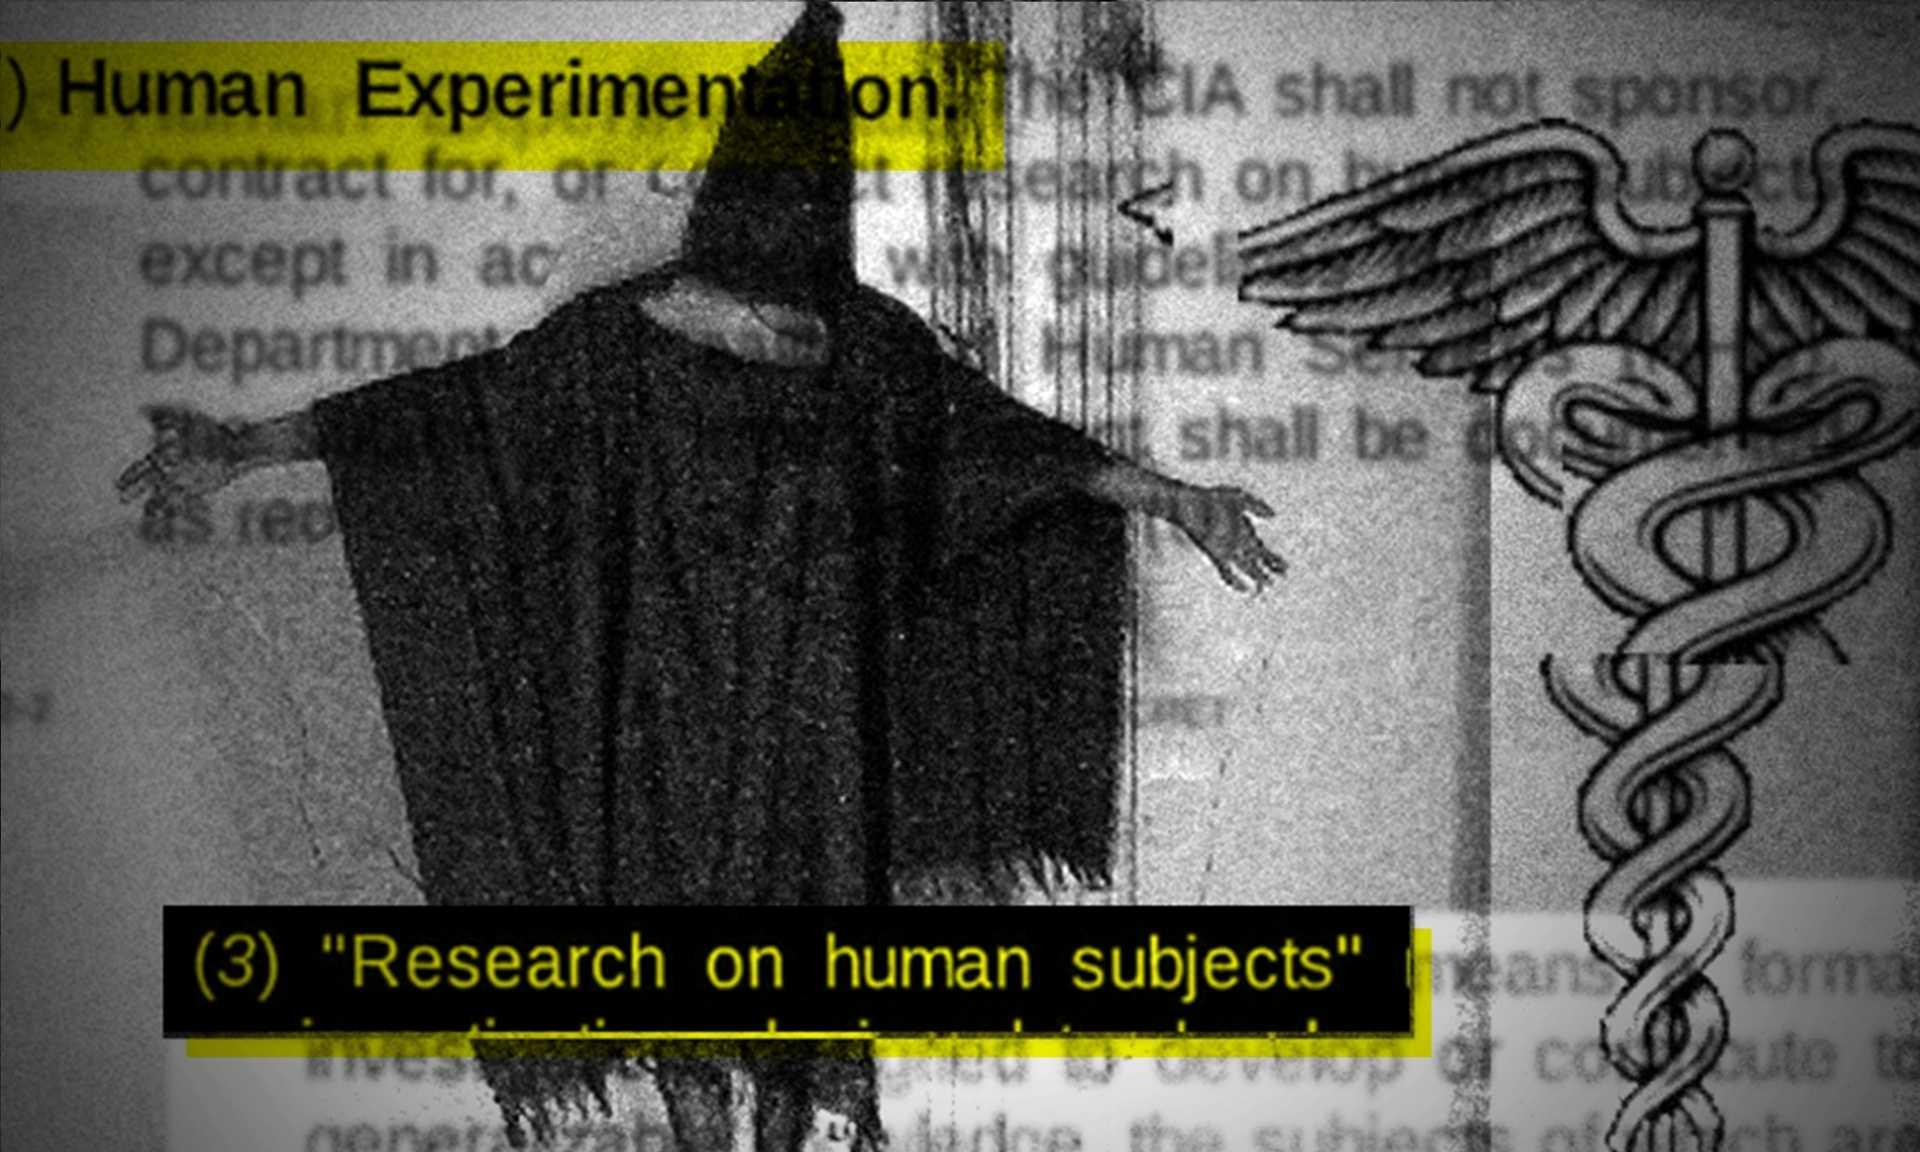 TORTURILE CIA au constat inclusiv in EXPERIMENTE PE OAMENI. Tortionarii au fost asistati de medici